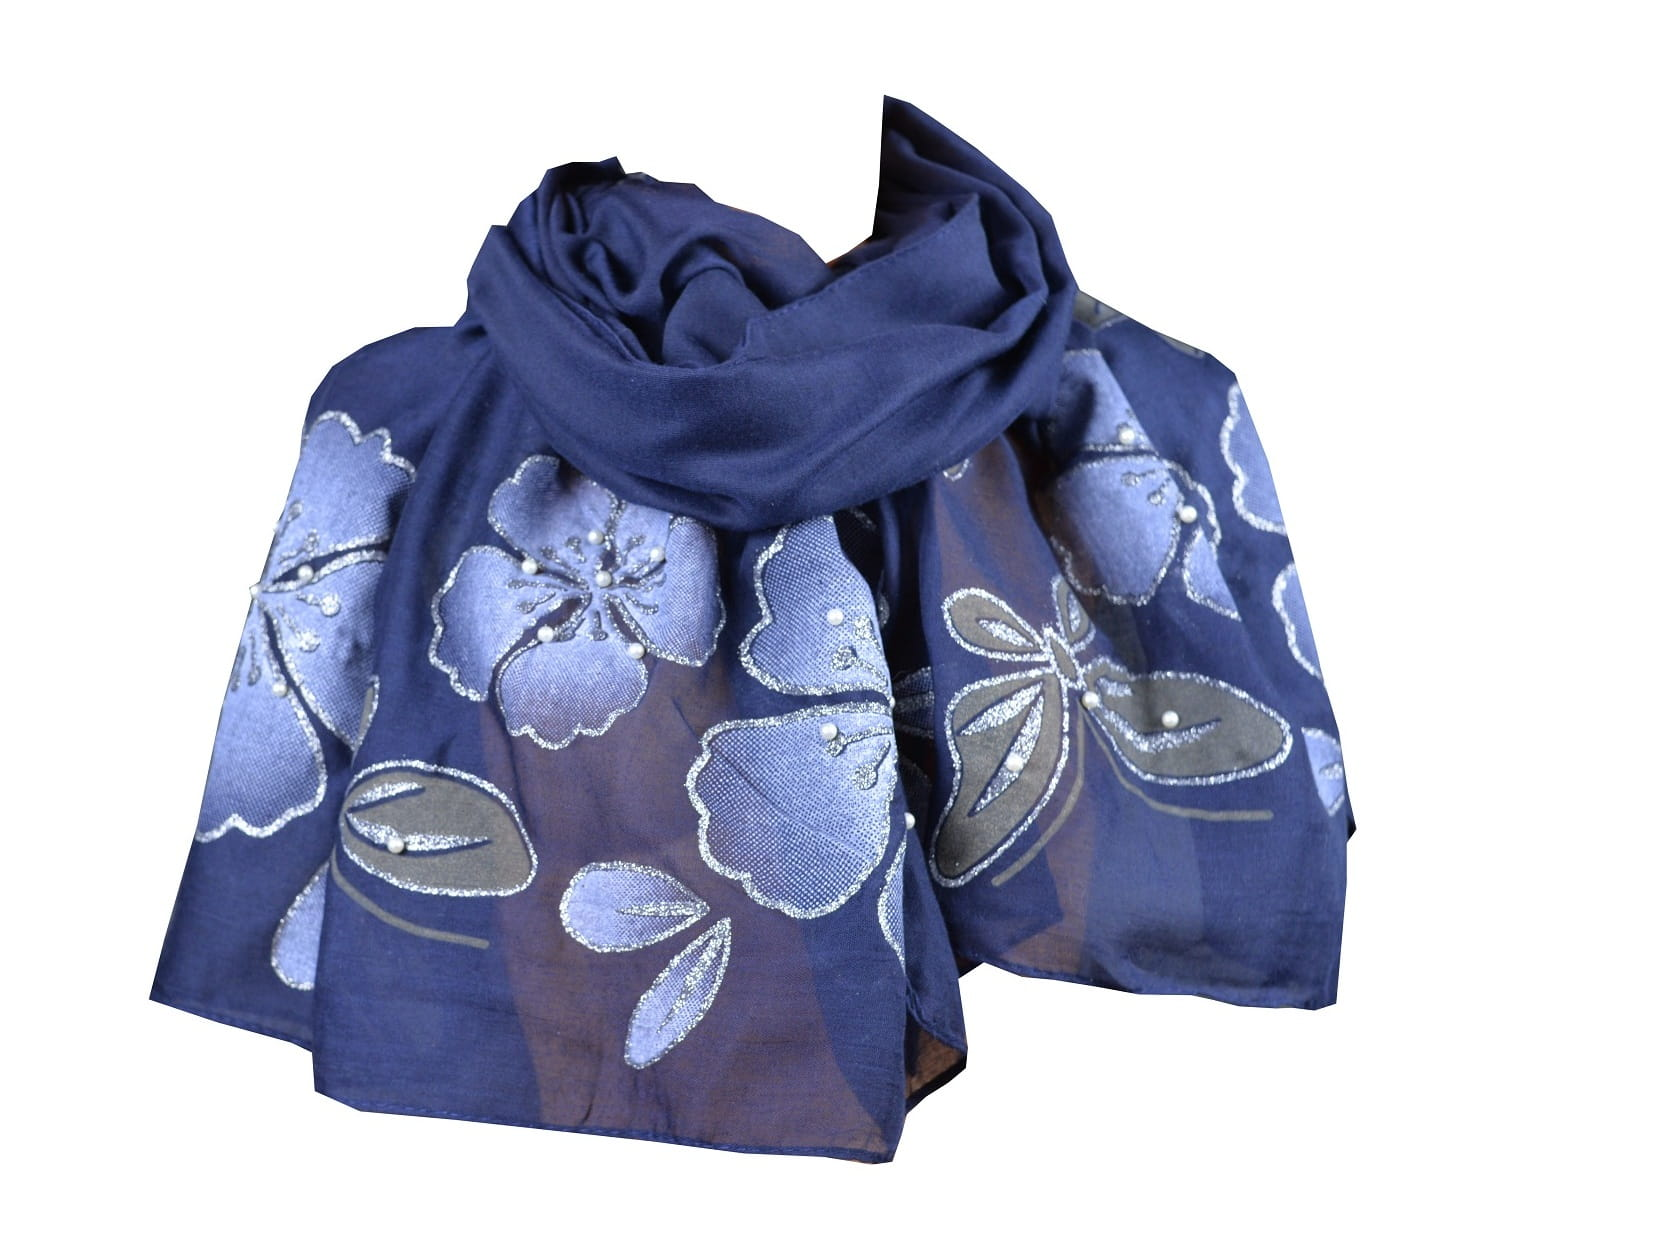 1bbc8e70096766 Szal apaszka wiosenna kwiaty i perełki - sklep apaszki & szaliki